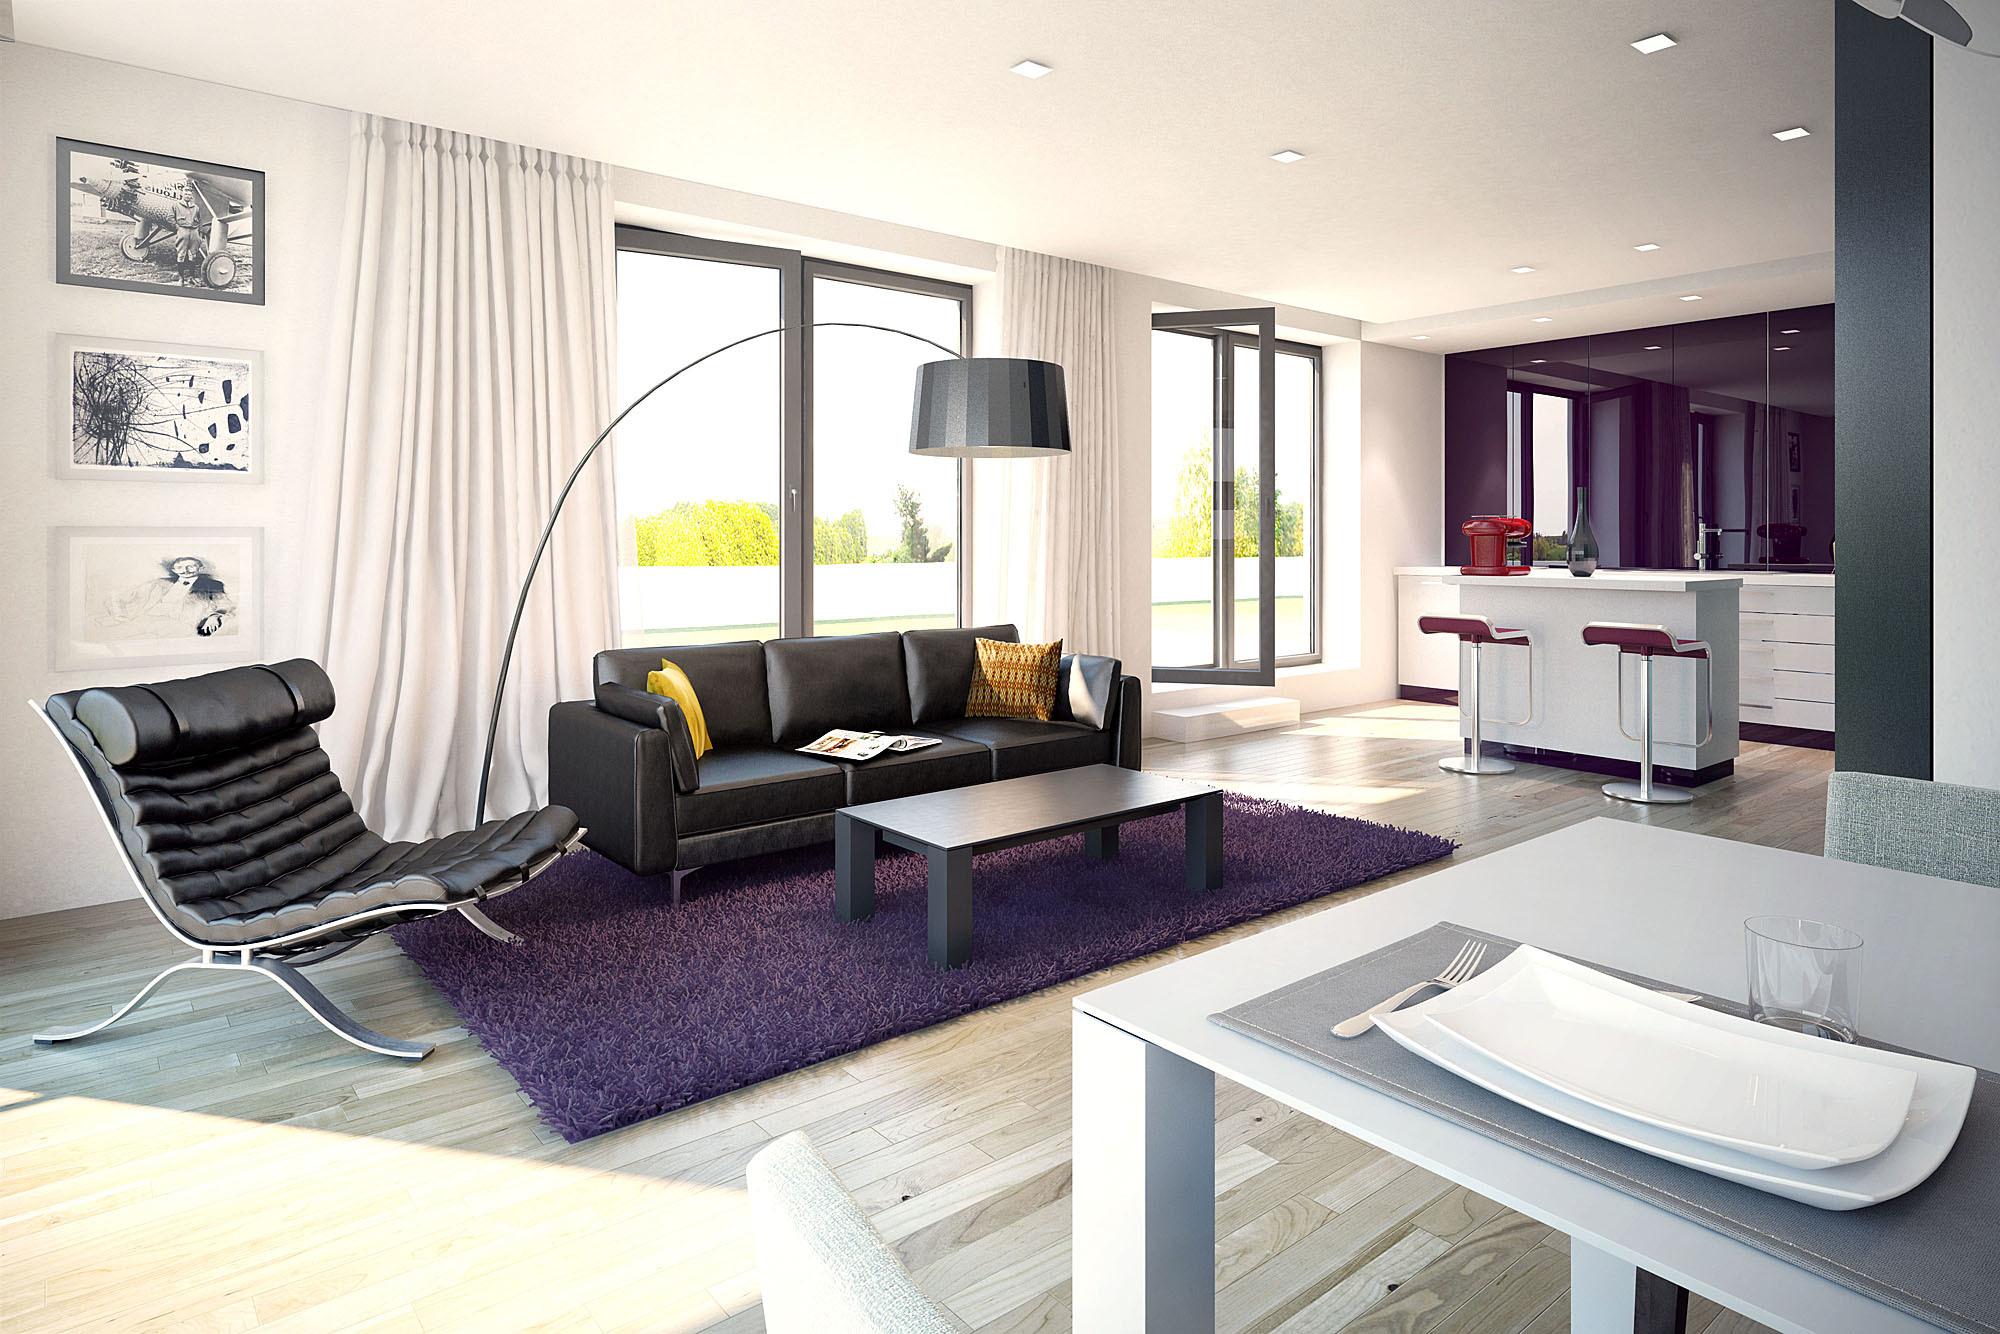 новый картинки интерьера и мебели квартир столы